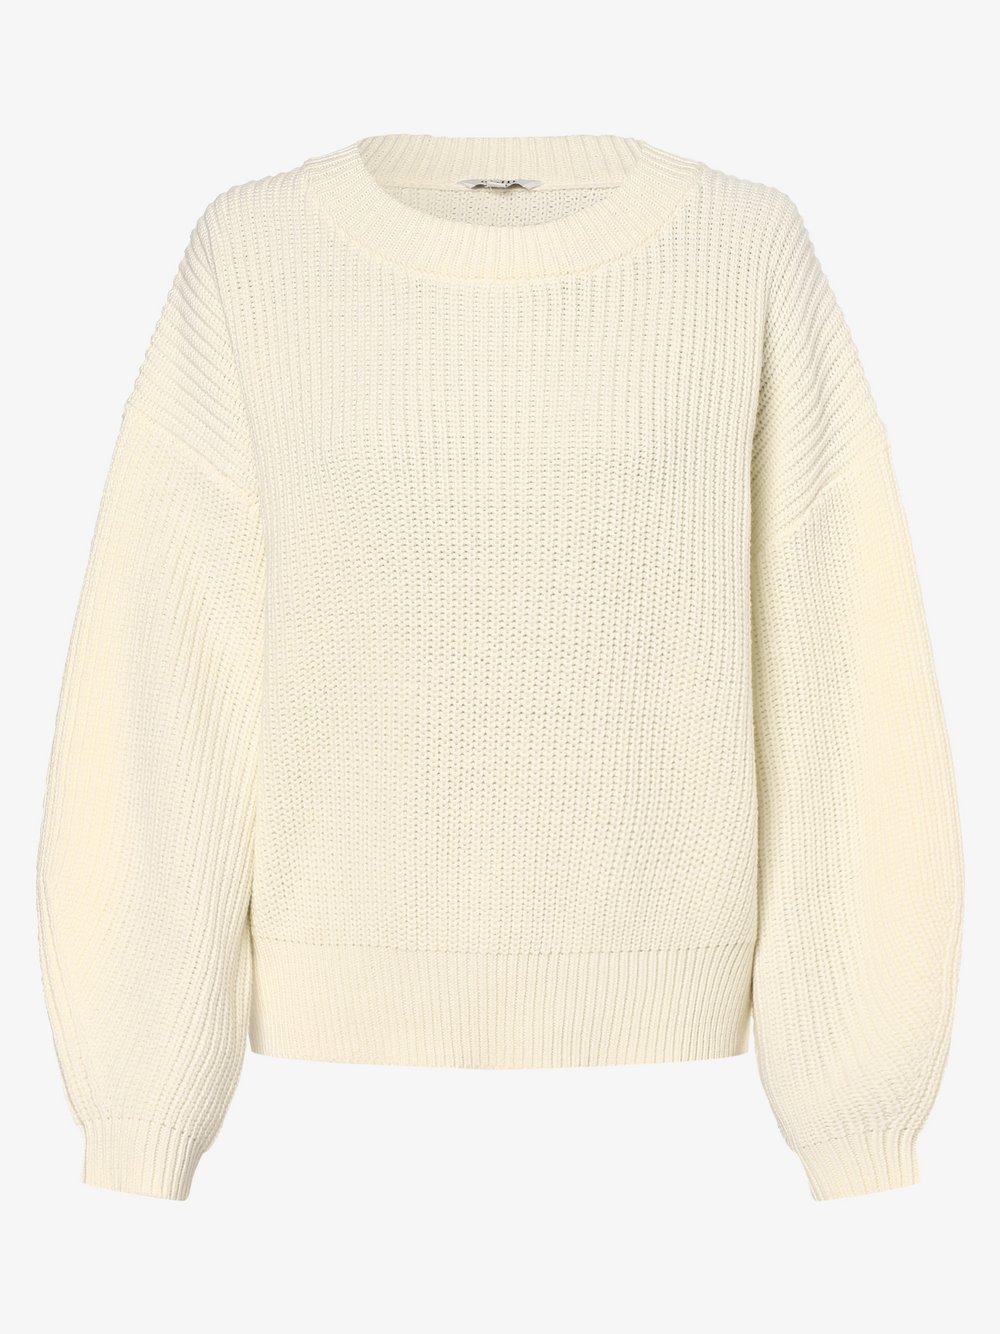 mbyM – Sweter damski – Venolia, beżowy Van Graaf 484623-0001